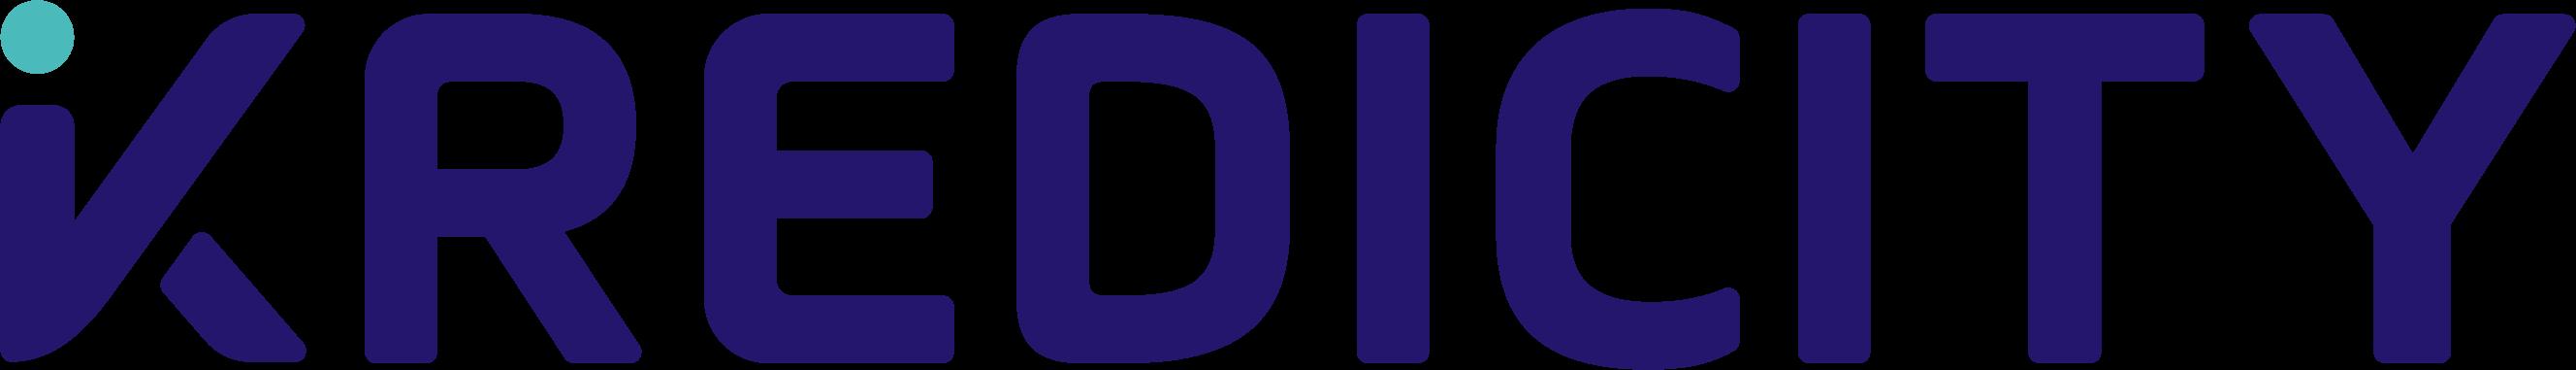 kredicity.com logo